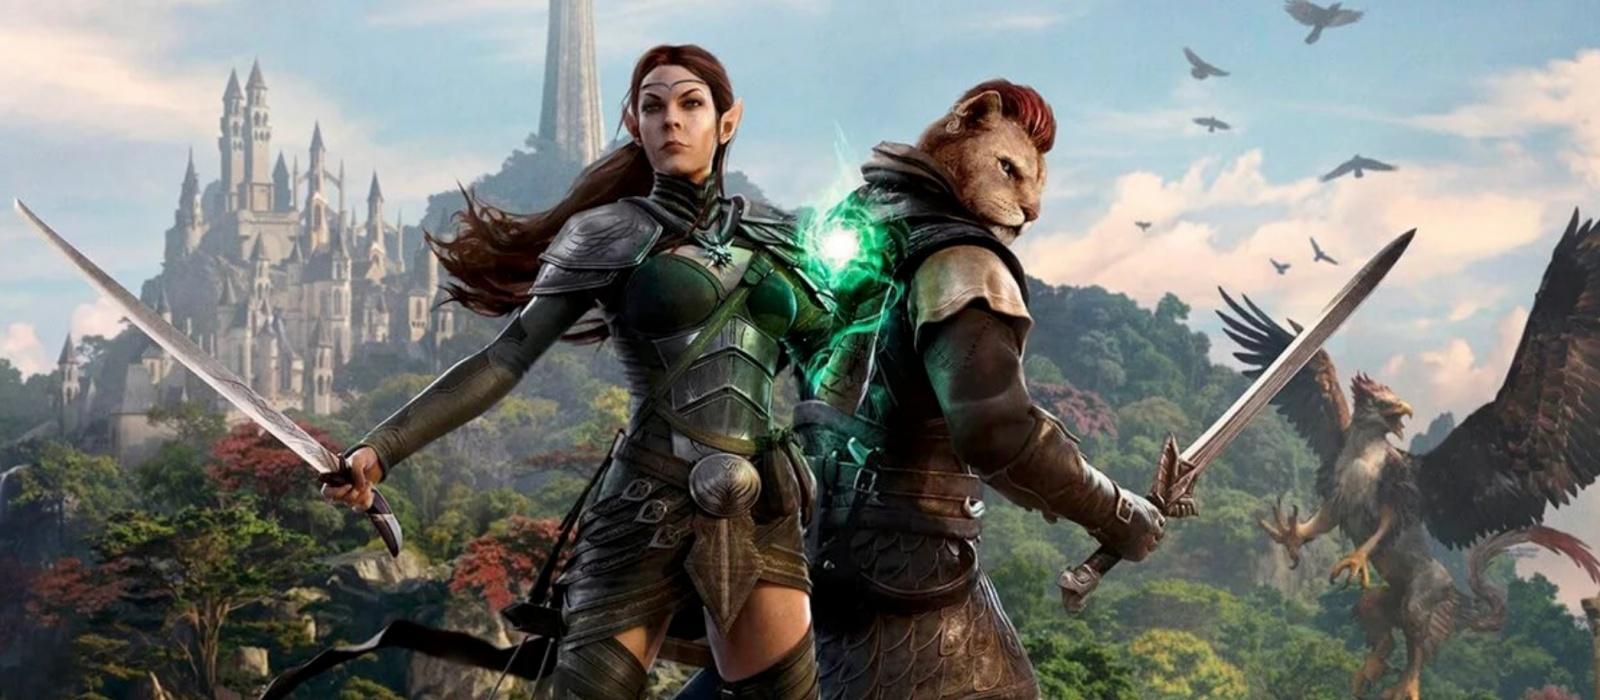 Все, что известно о The Elder Scrolls 6. Дата выхода, сюжет, подробности